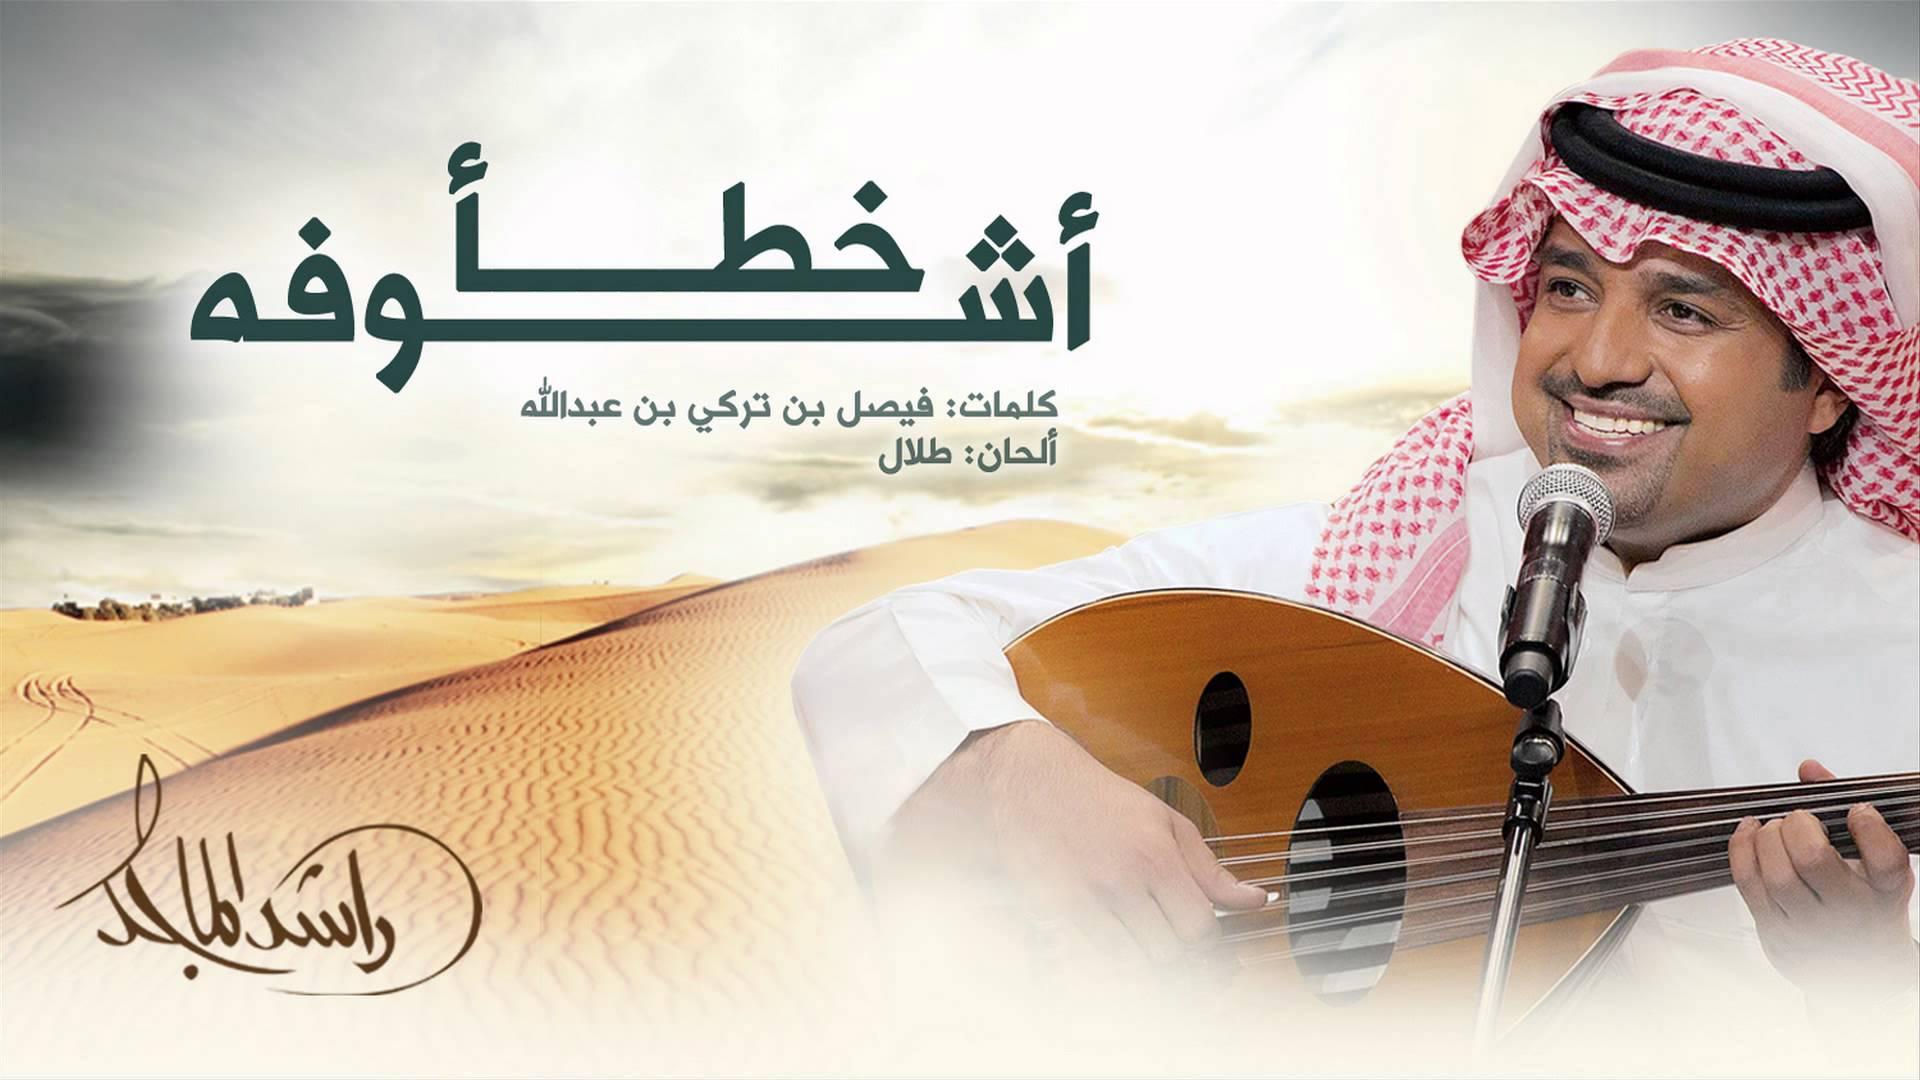 كلمات اغنية أشوفه راشد الماجد